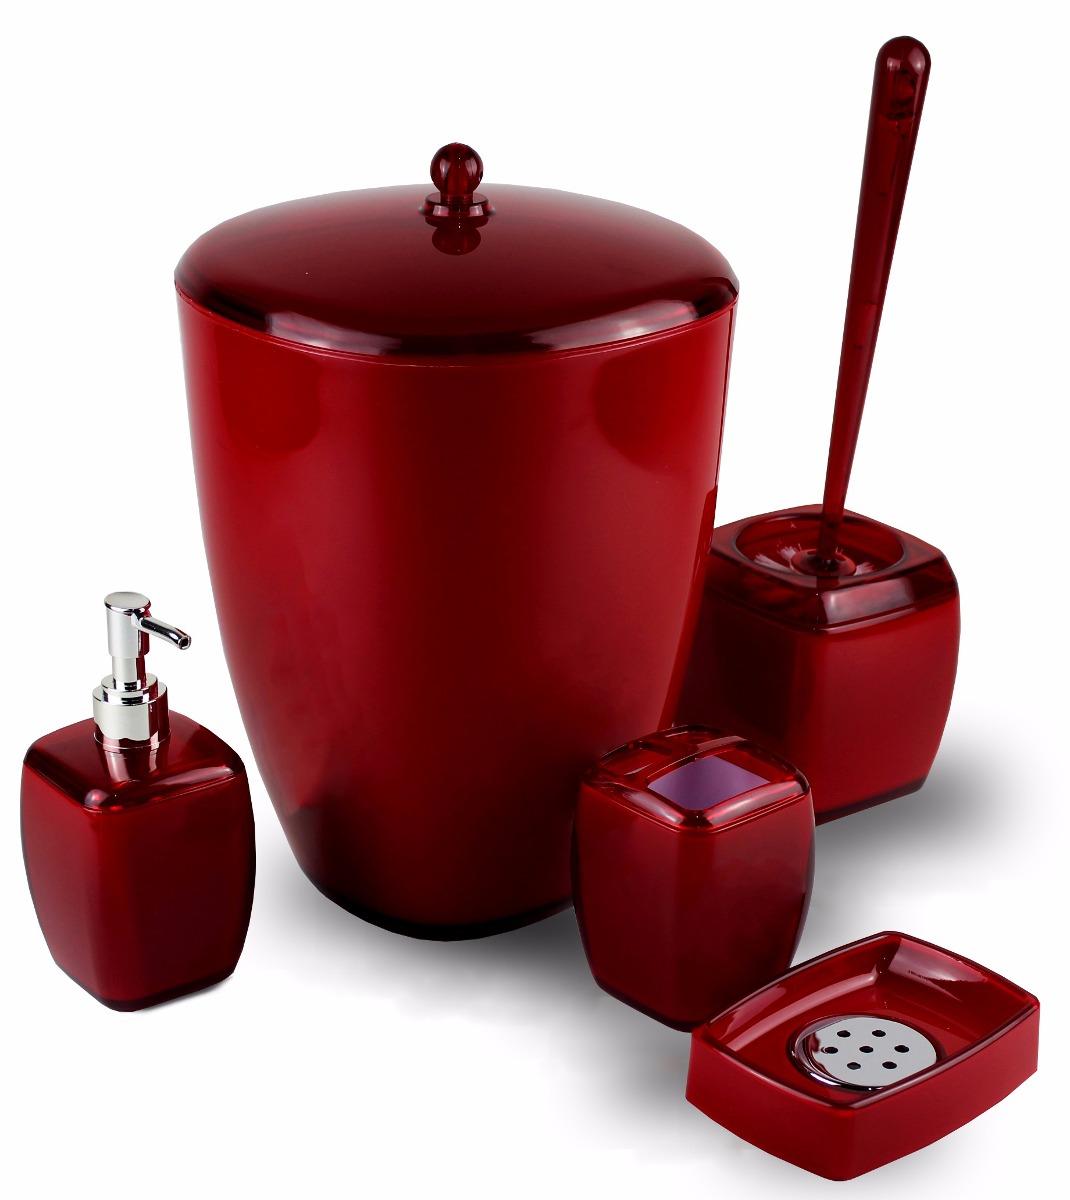 Acessorios De Banheiro Em Acrílico Decorativo 5 Peças Vermelho